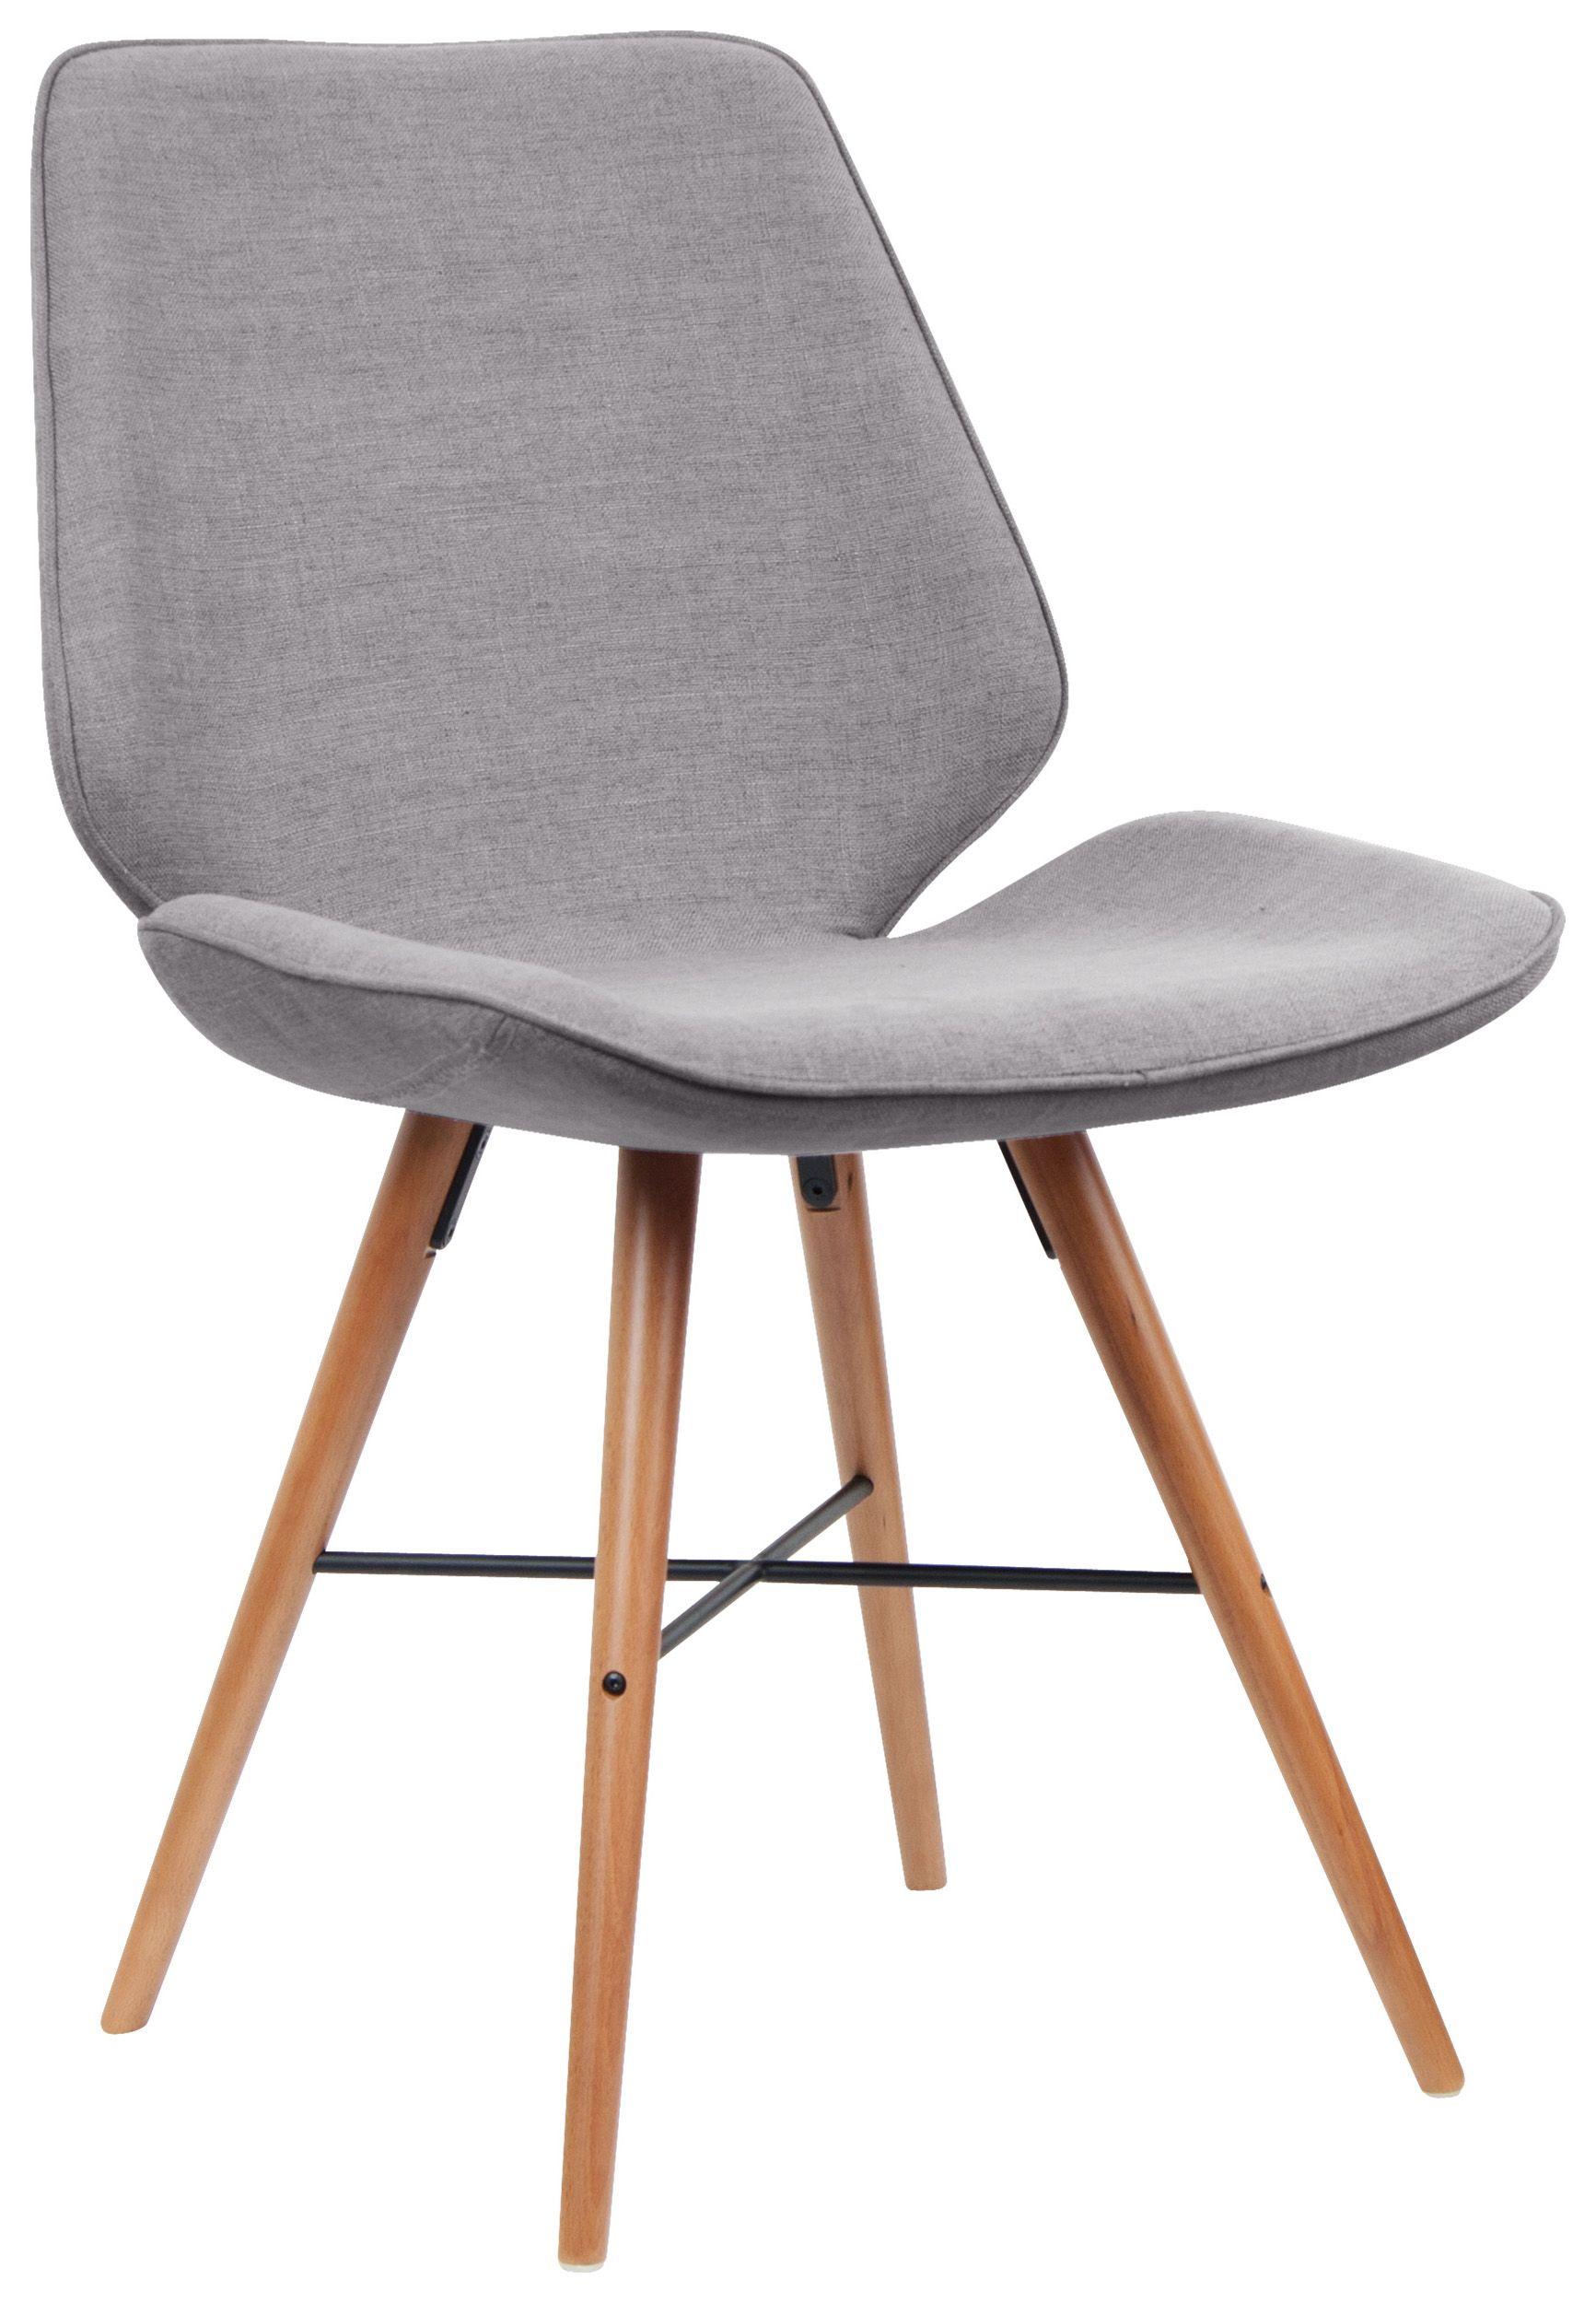 Full Size of Esszimmersthle Hnlich Eames Chair Mit Stoffbezug 2 Stck 450 Esstisch Sofa Esstischstühle Moderne Esstische Massiv Ausziehbar Massivholz Quadratisch 2m Altholz Esstische Esstisch Stühle